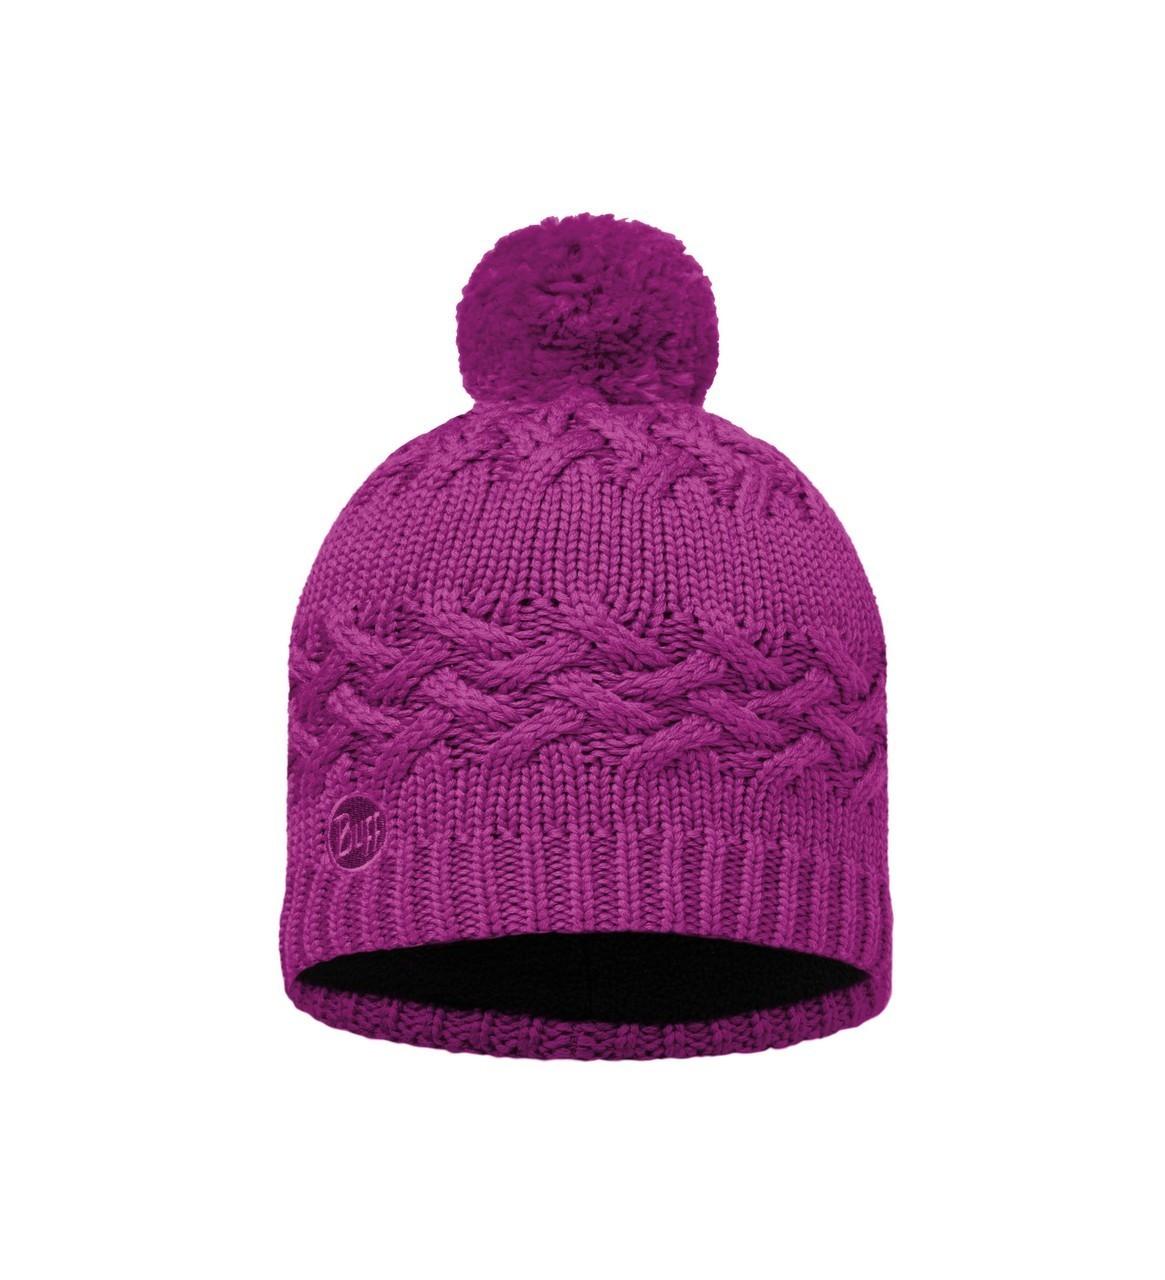 Шапки крупной вязки Вязаная шапка с флисовой подкладкой Buff Savva Mardi Grape 111005.617.10.00.jpg